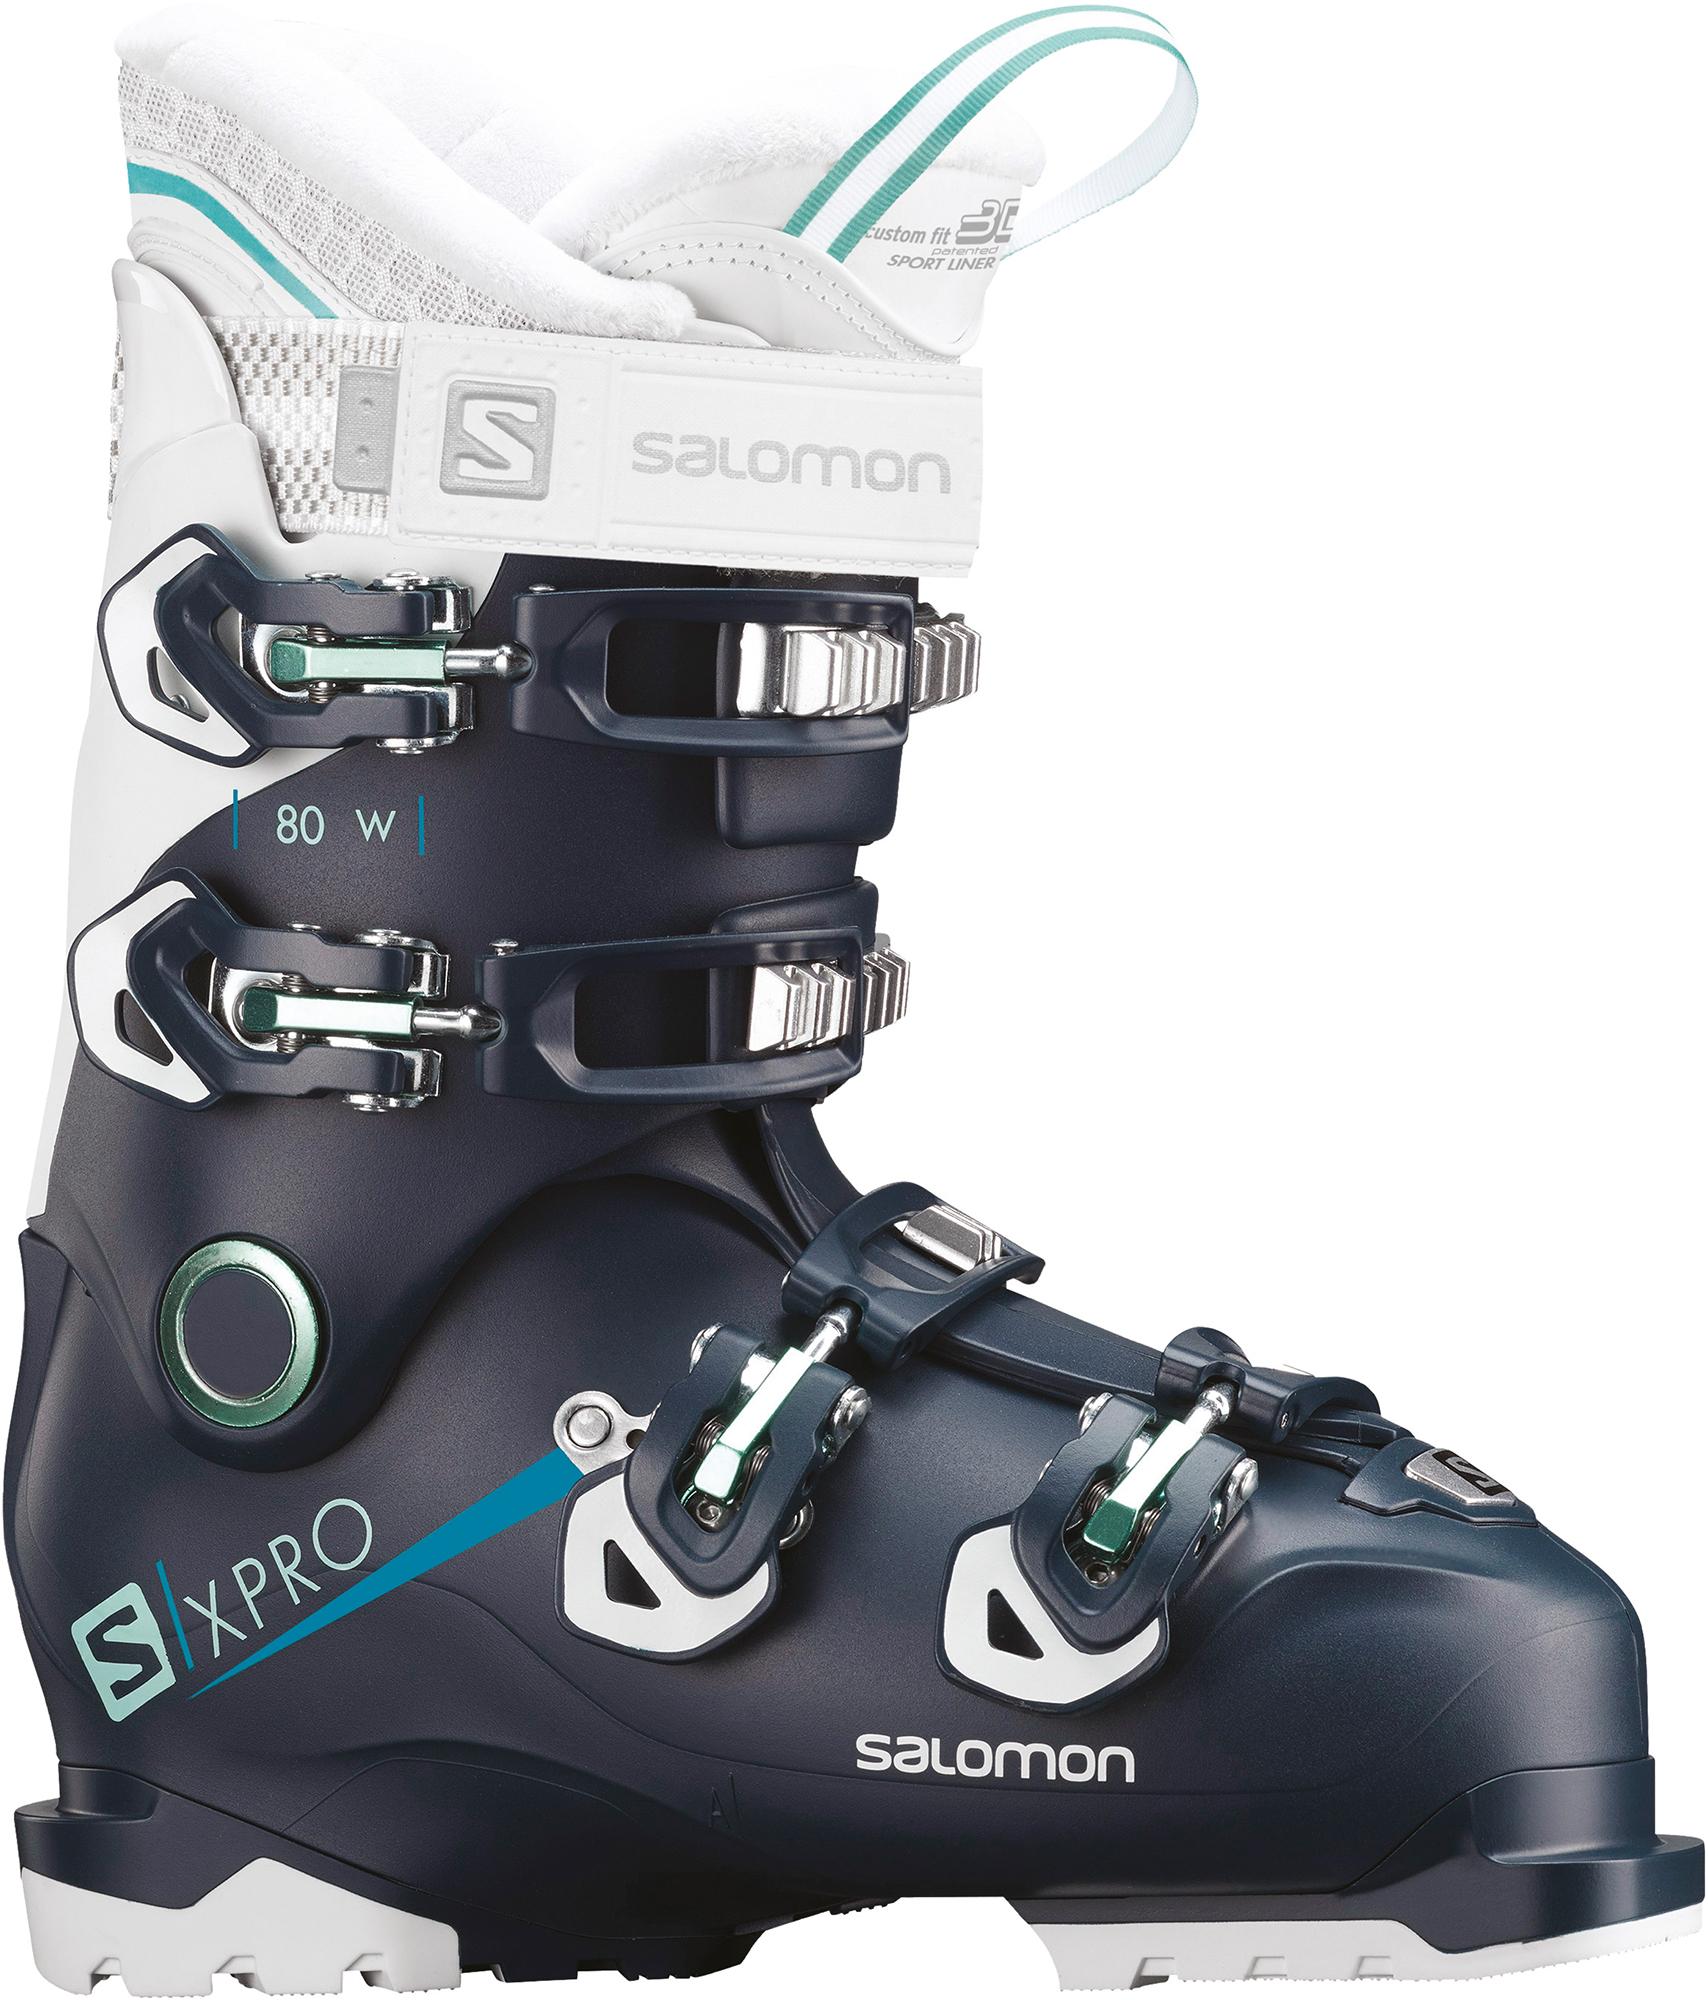 Salomon Ботинки горнолыжные женские Salomon X PRO 80, размер 39,5